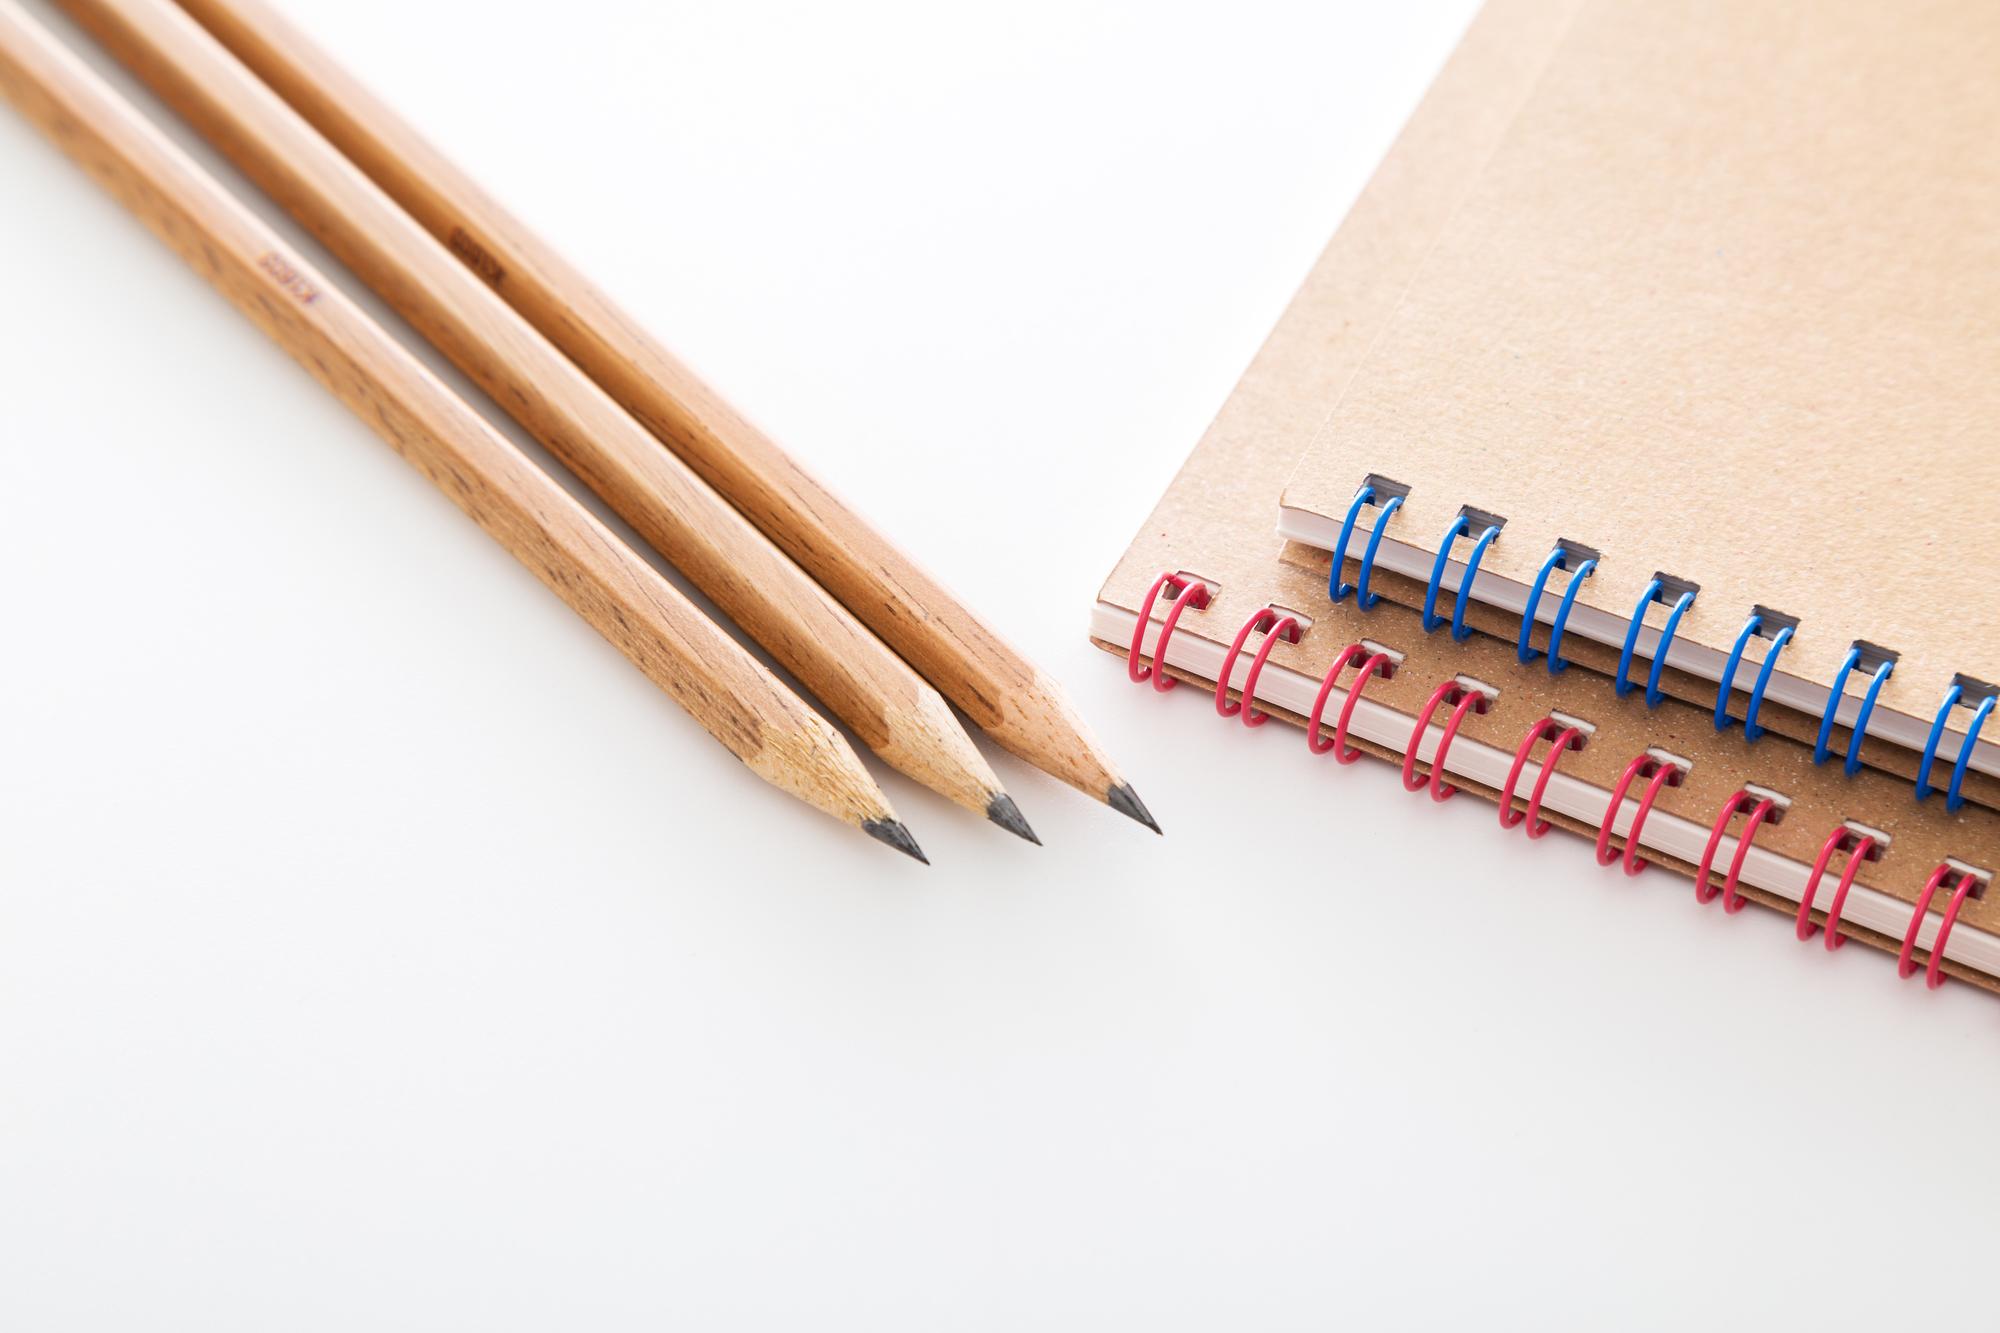 歴史や価値とともに変化する「お値段」⑫ ── 鉛筆とノートのお値段